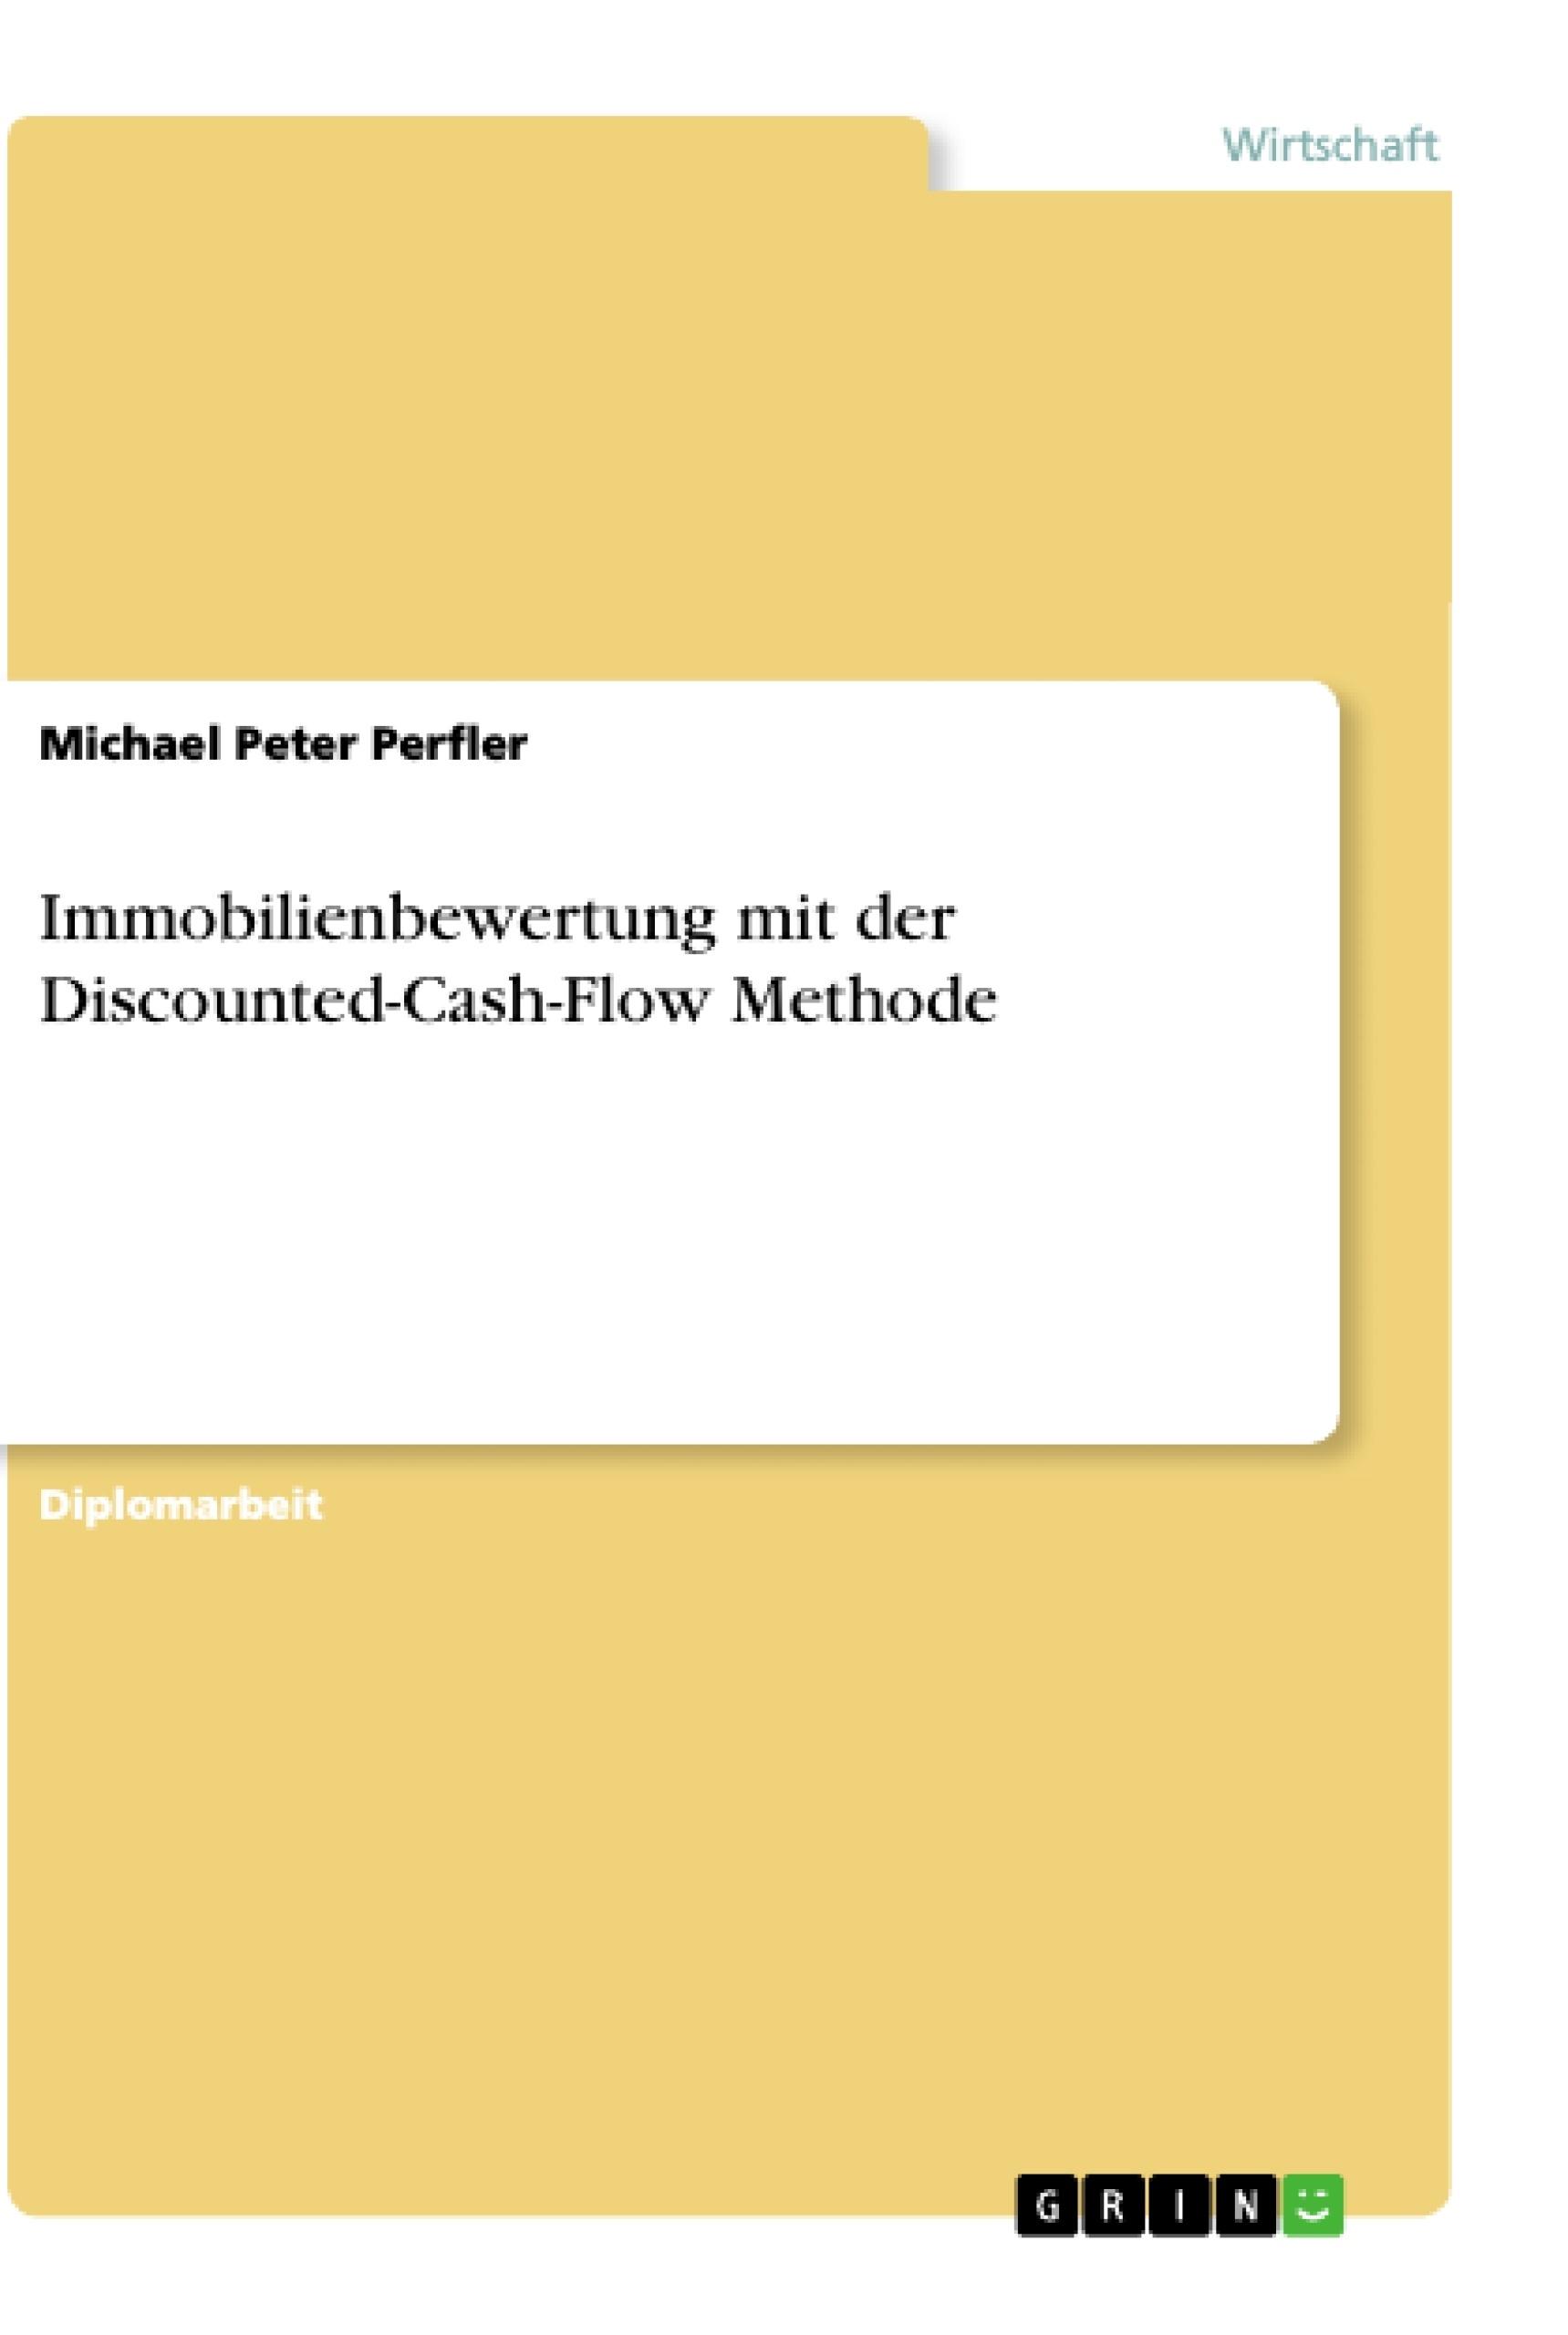 Titel: Immobilienbewertung mit der Discounted-Cash-Flow Methode